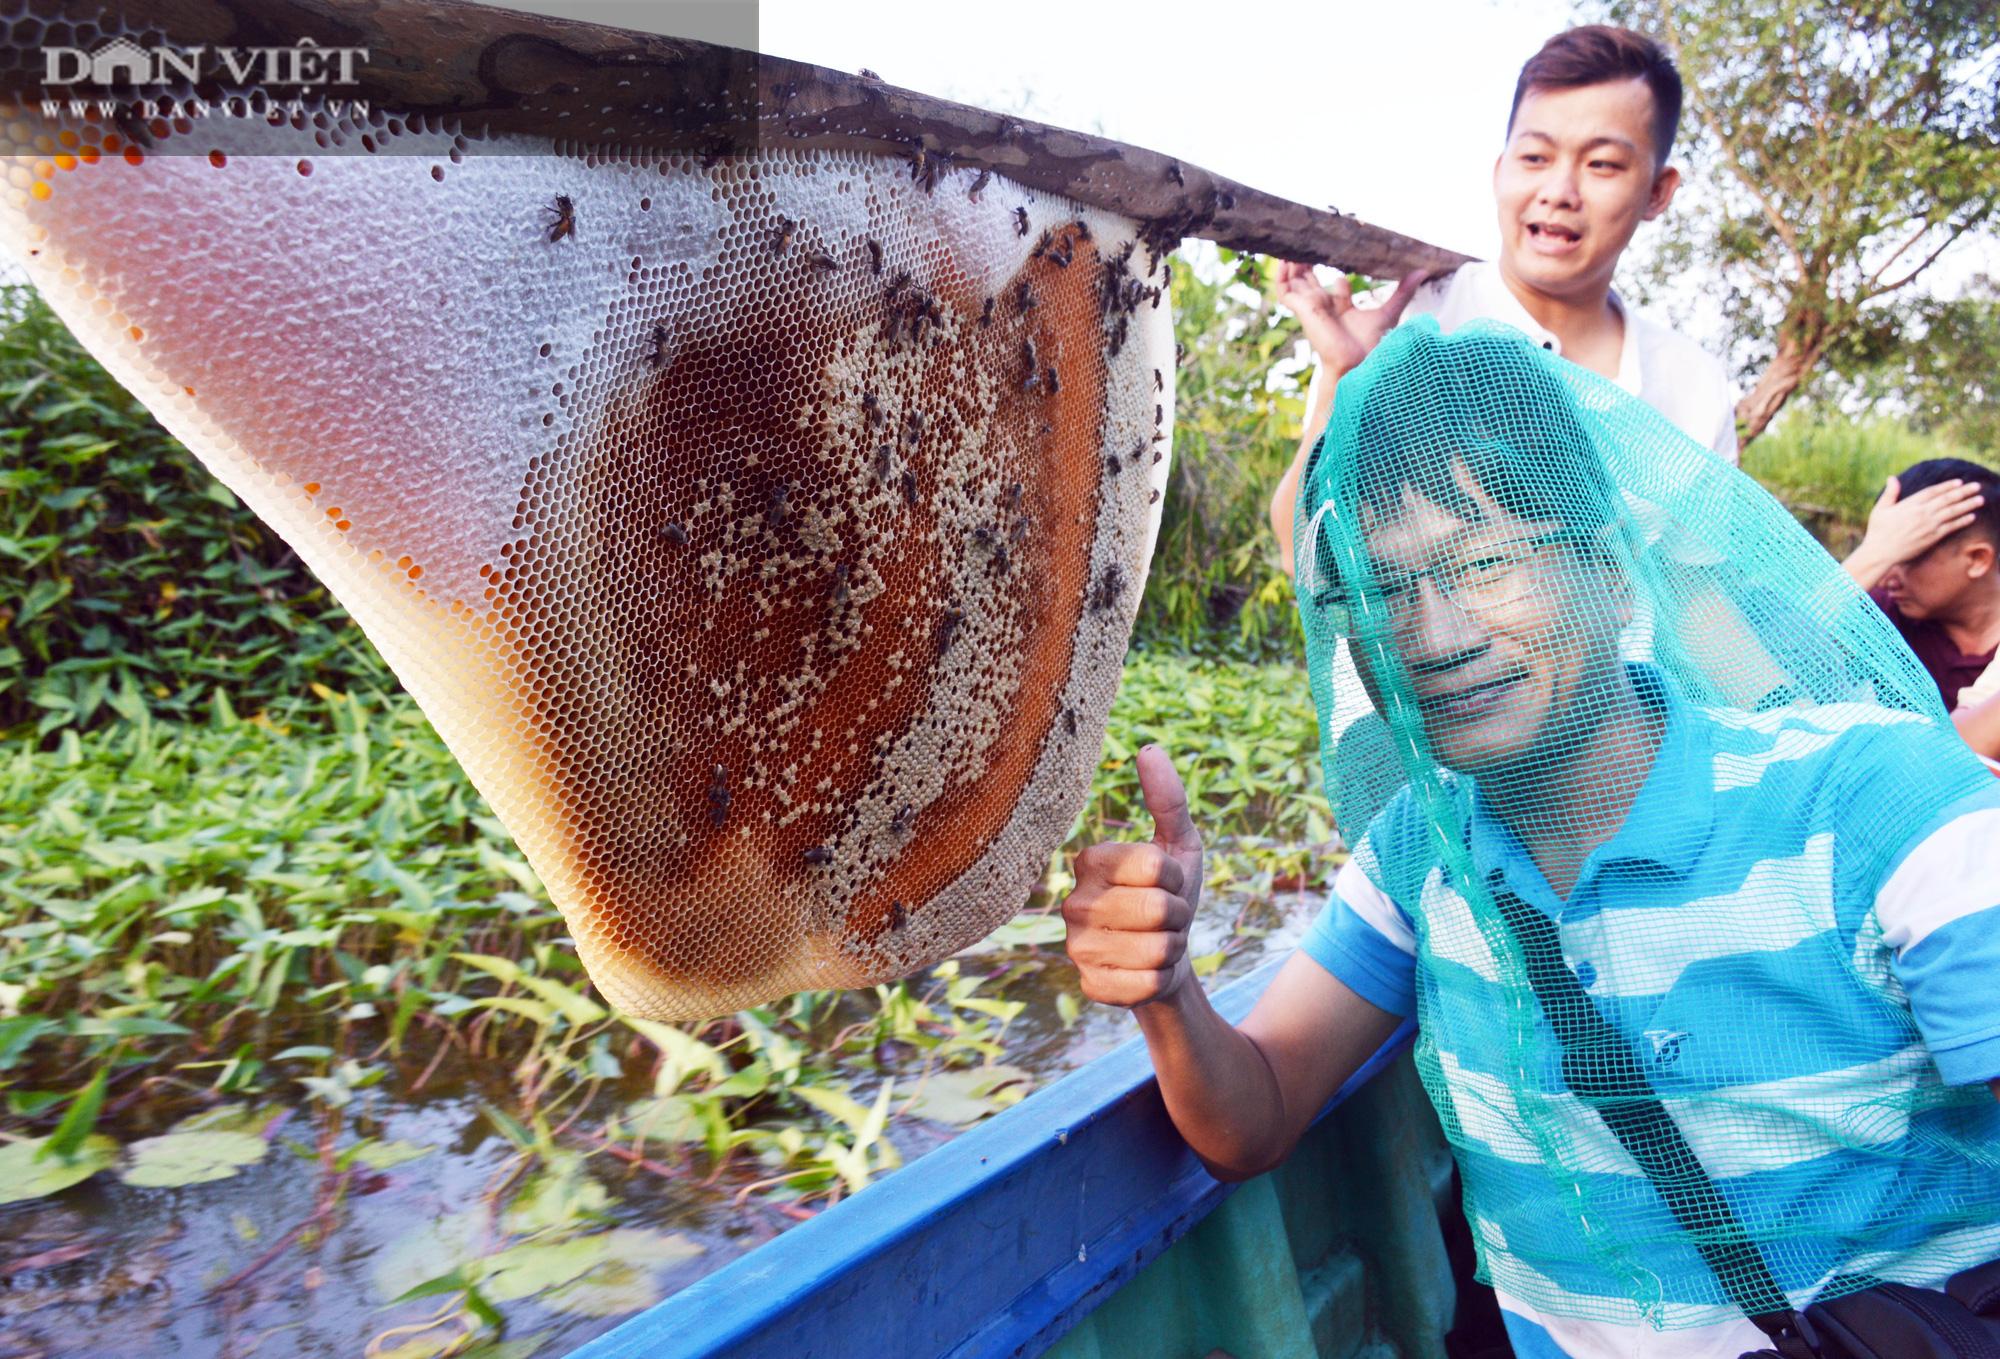 Về U Minh Hạ, lội rừng ăn ong lấy mật, thưởng thức vô số đặc sản trứ danh - Ảnh 10.